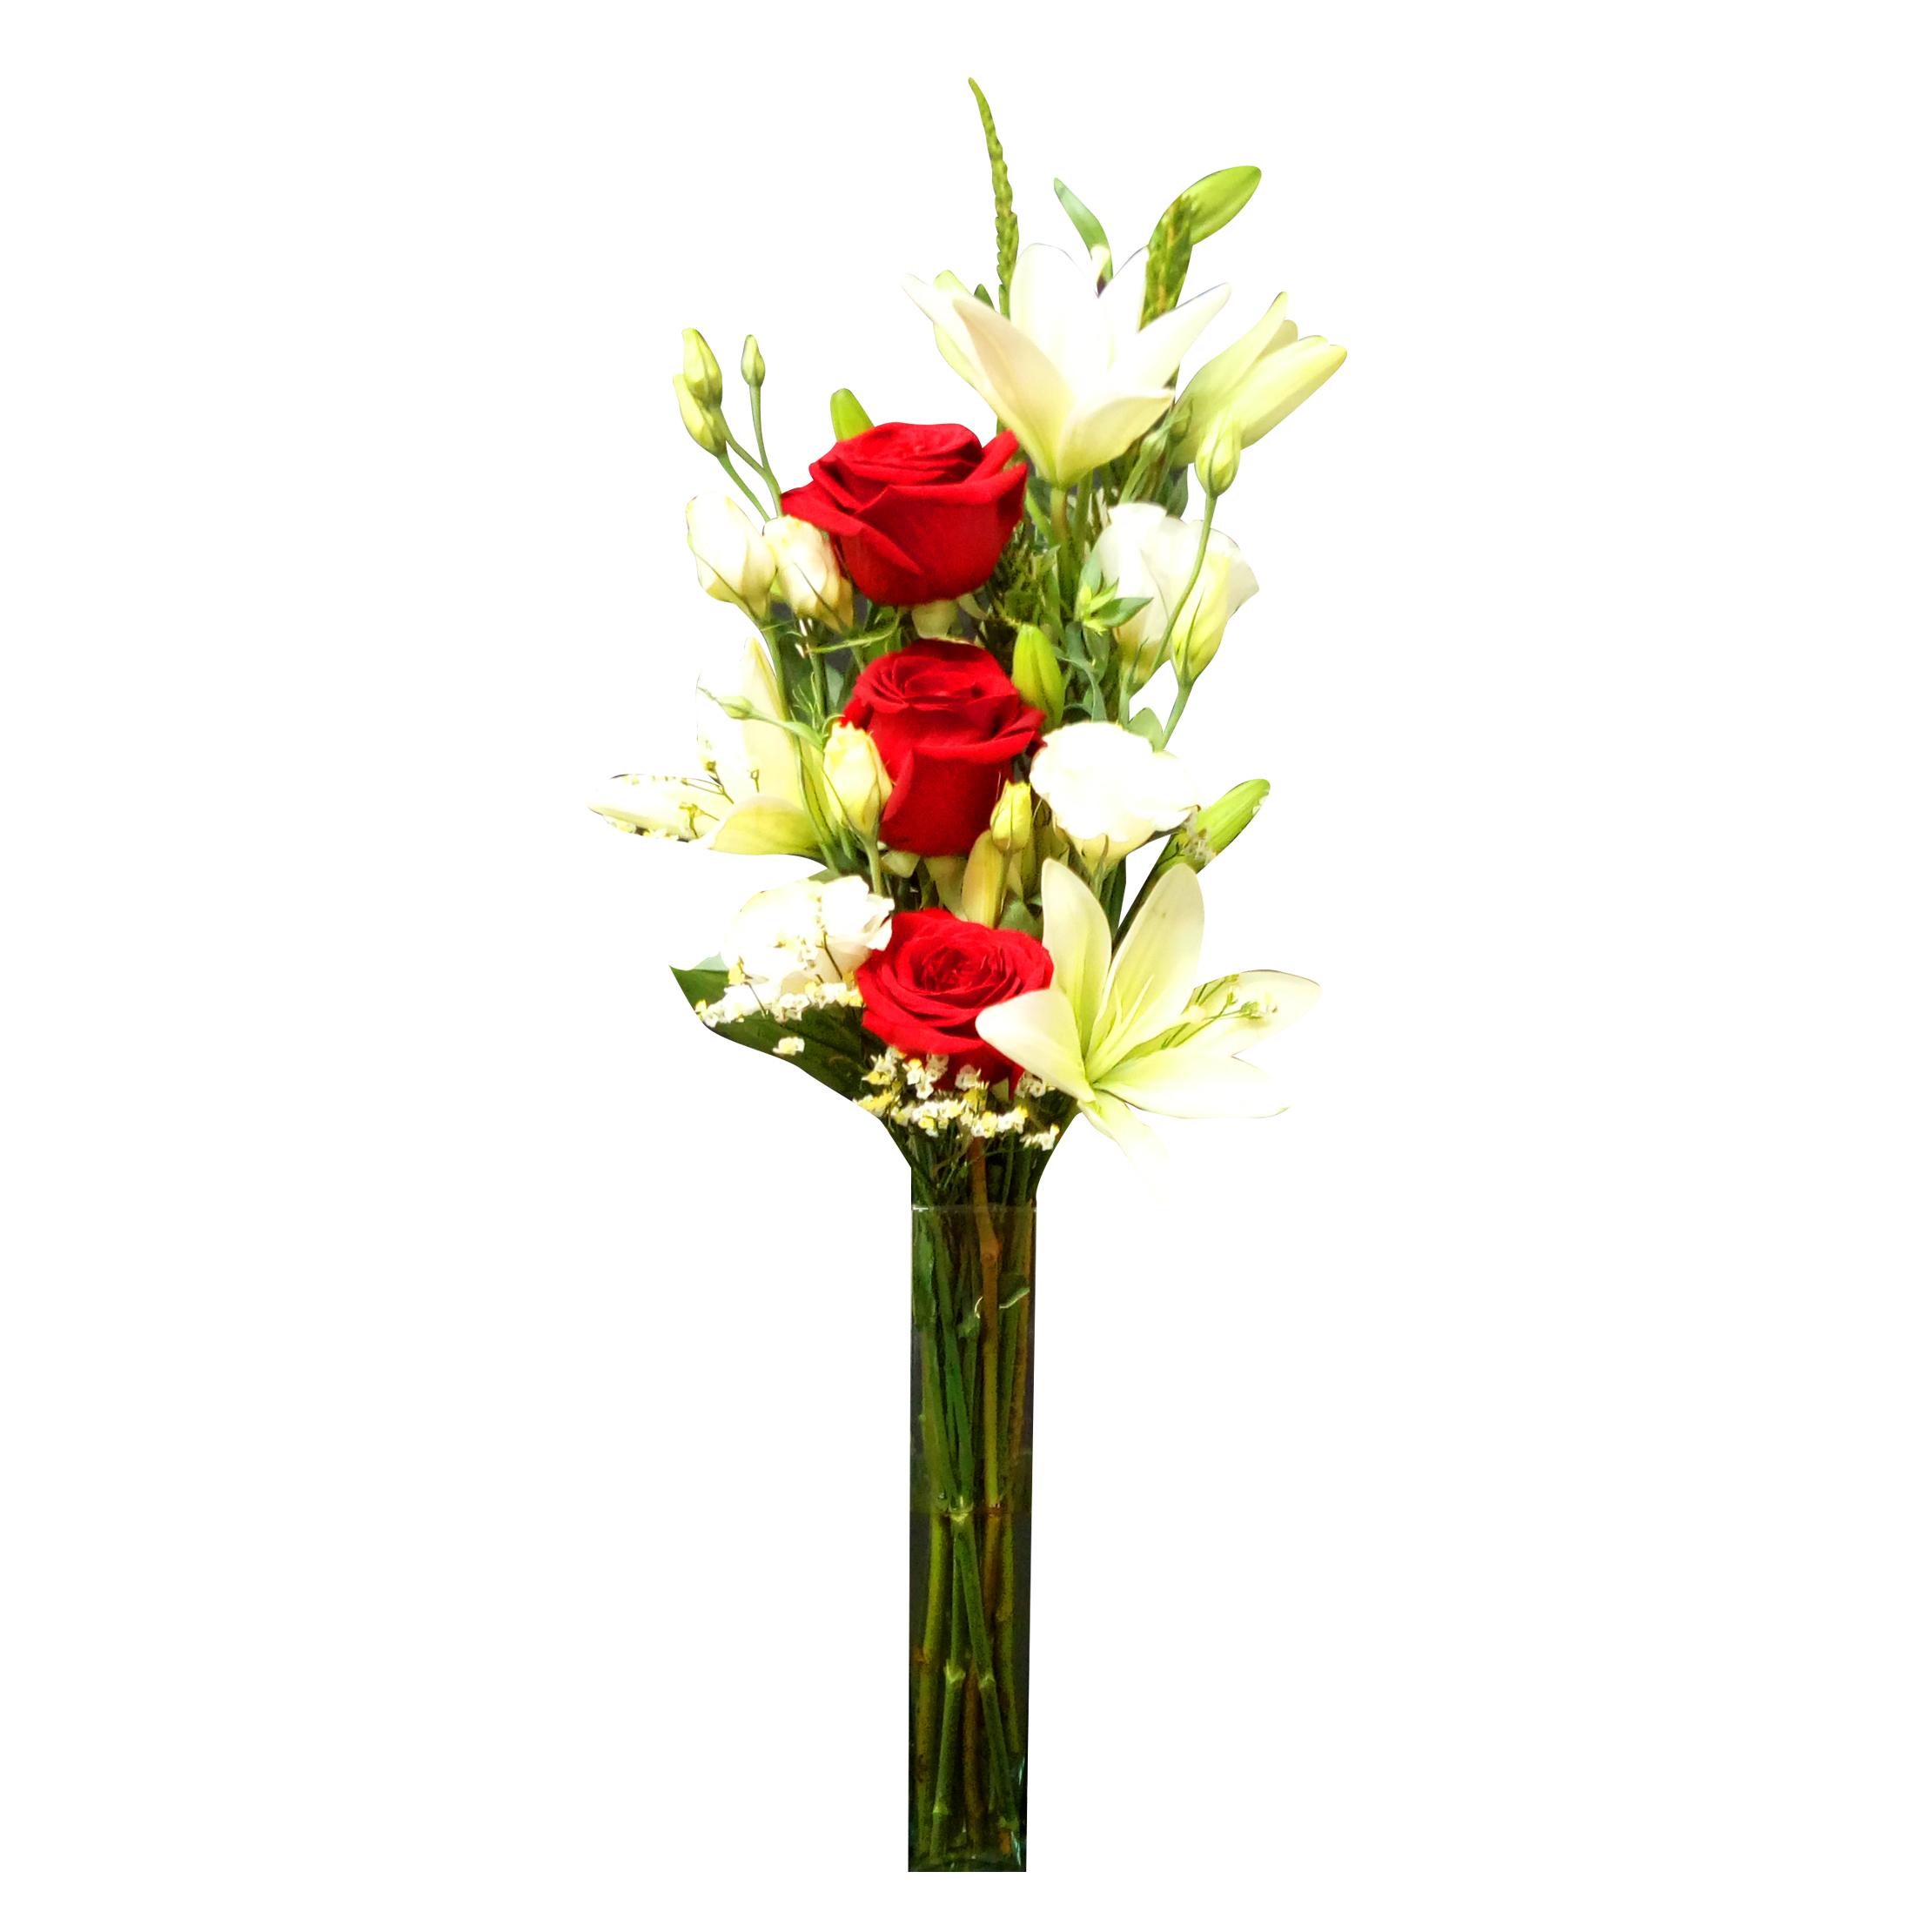 Florero Mixto con Rosas, Lilium, y Lisianthus